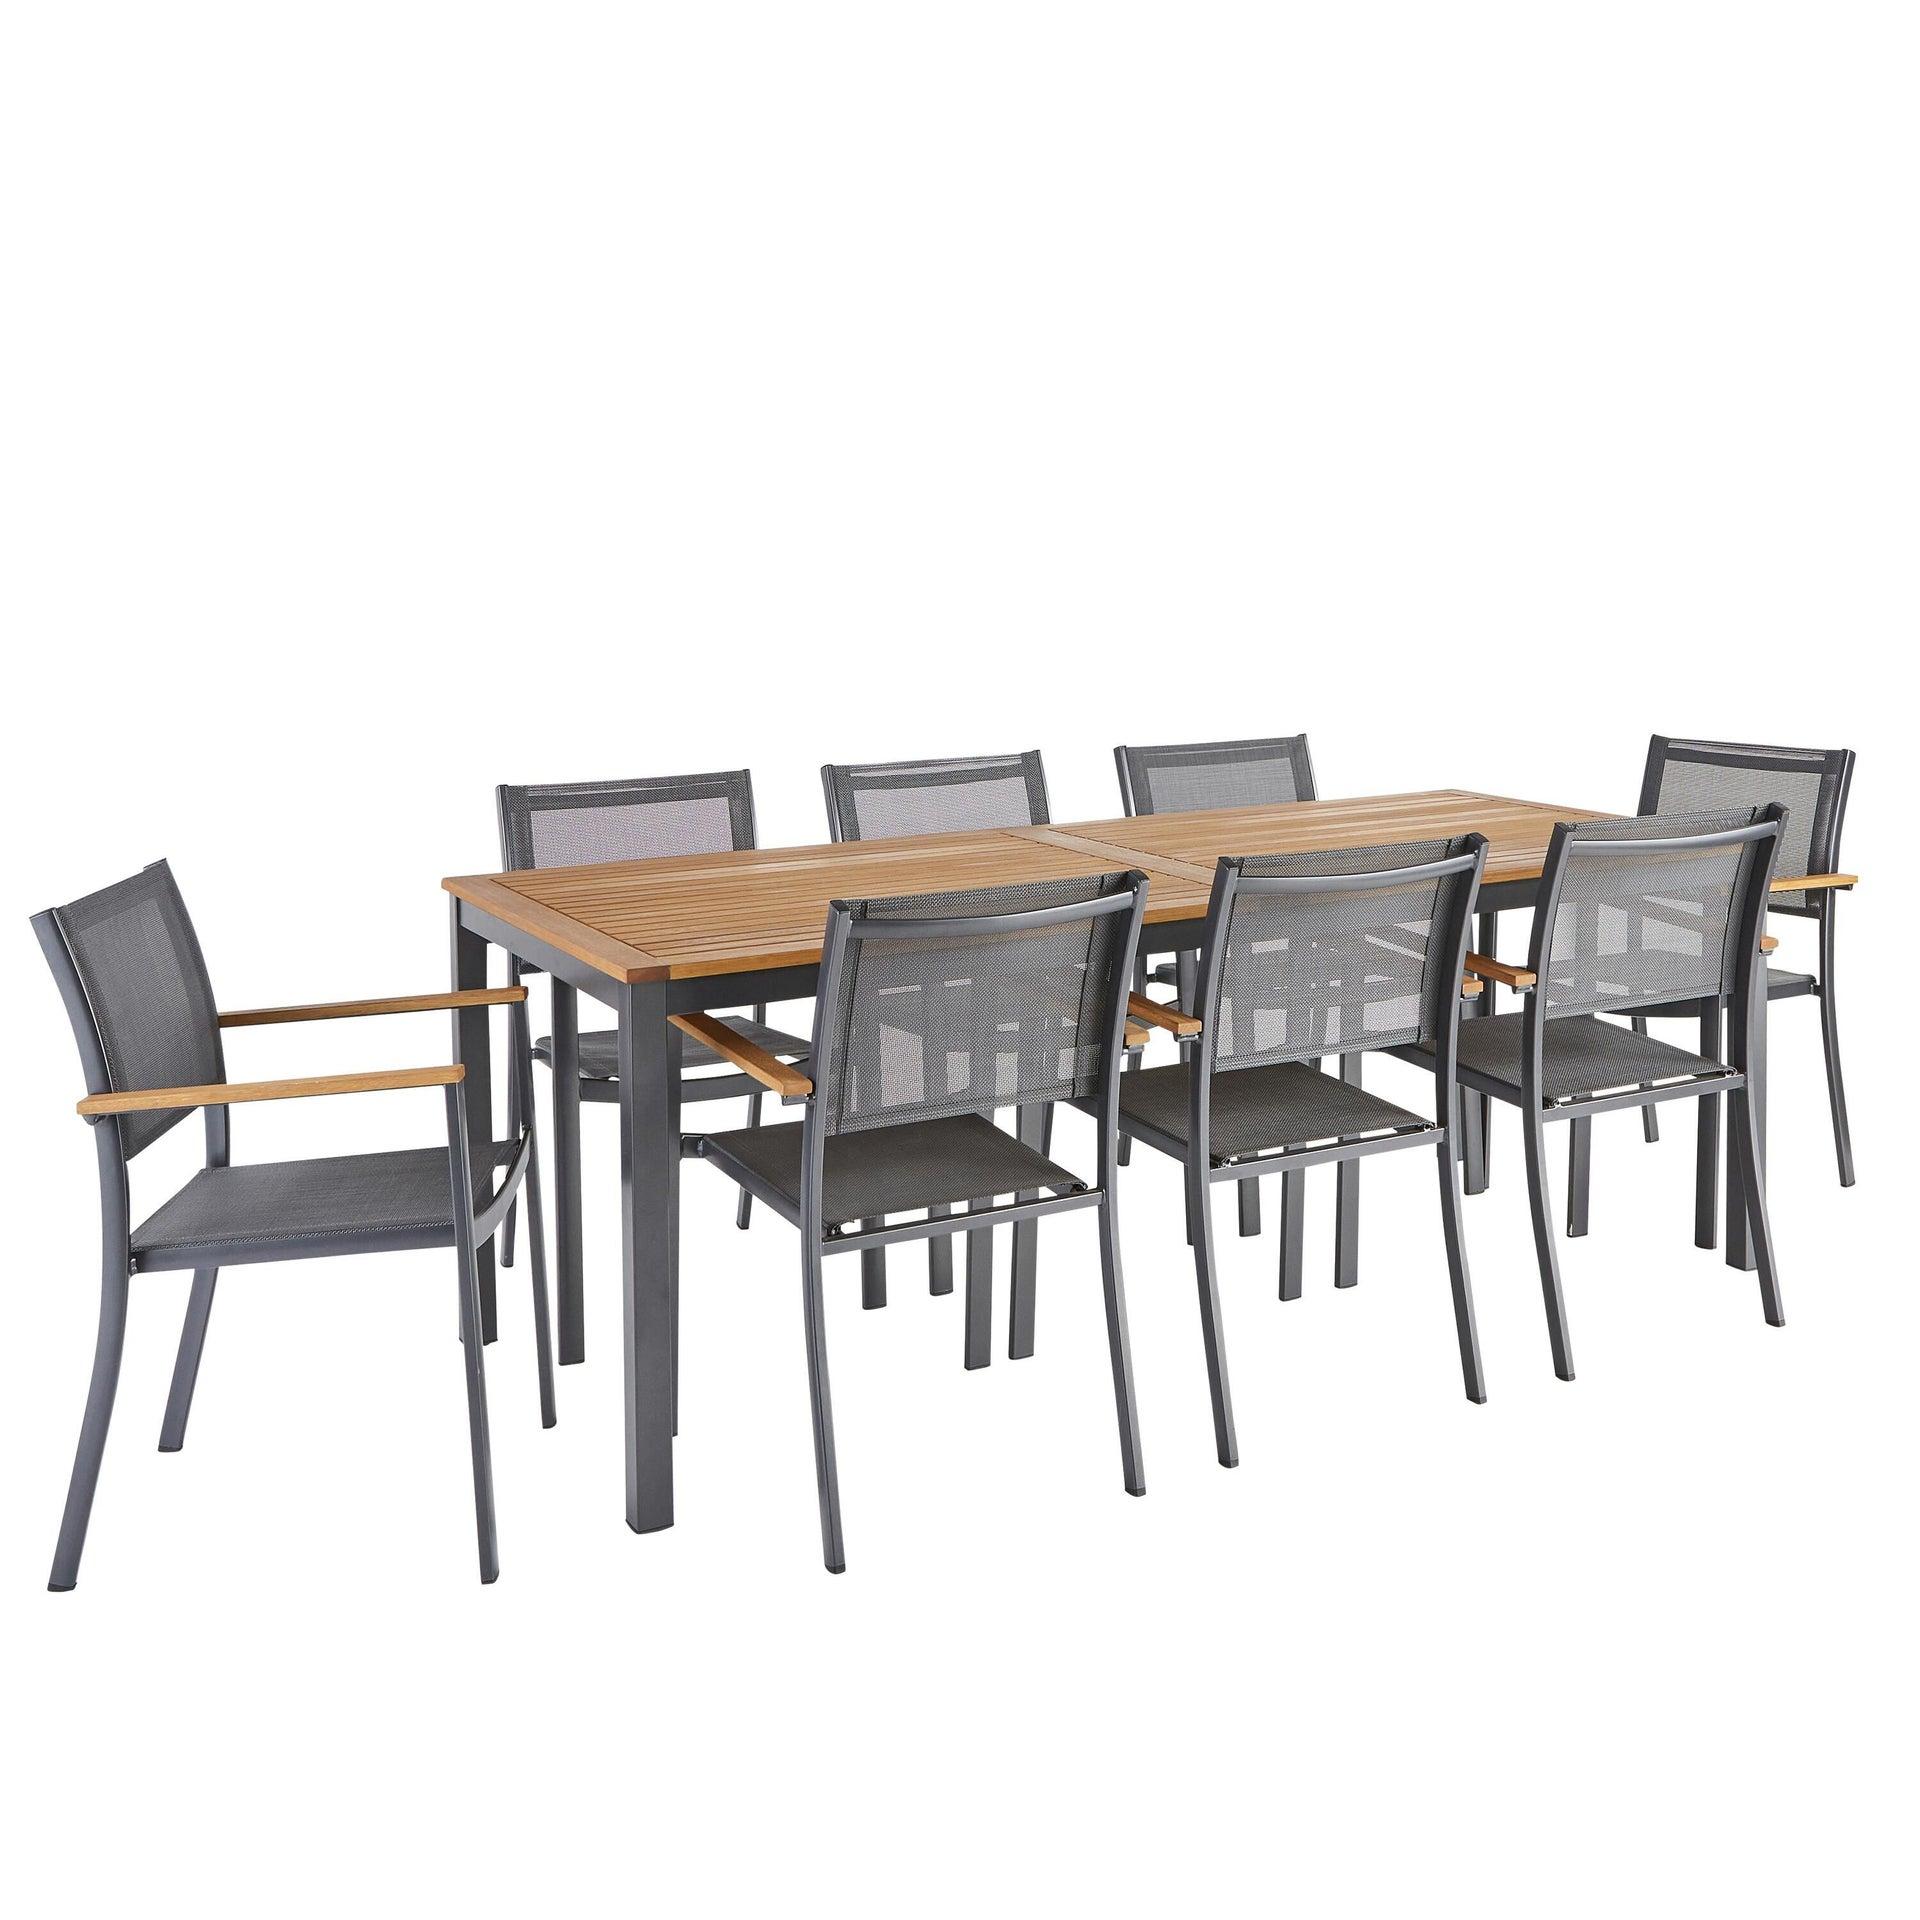 Sedia con braccioli senza cuscino in alluminio Oris NATERIAL colore teak - 3